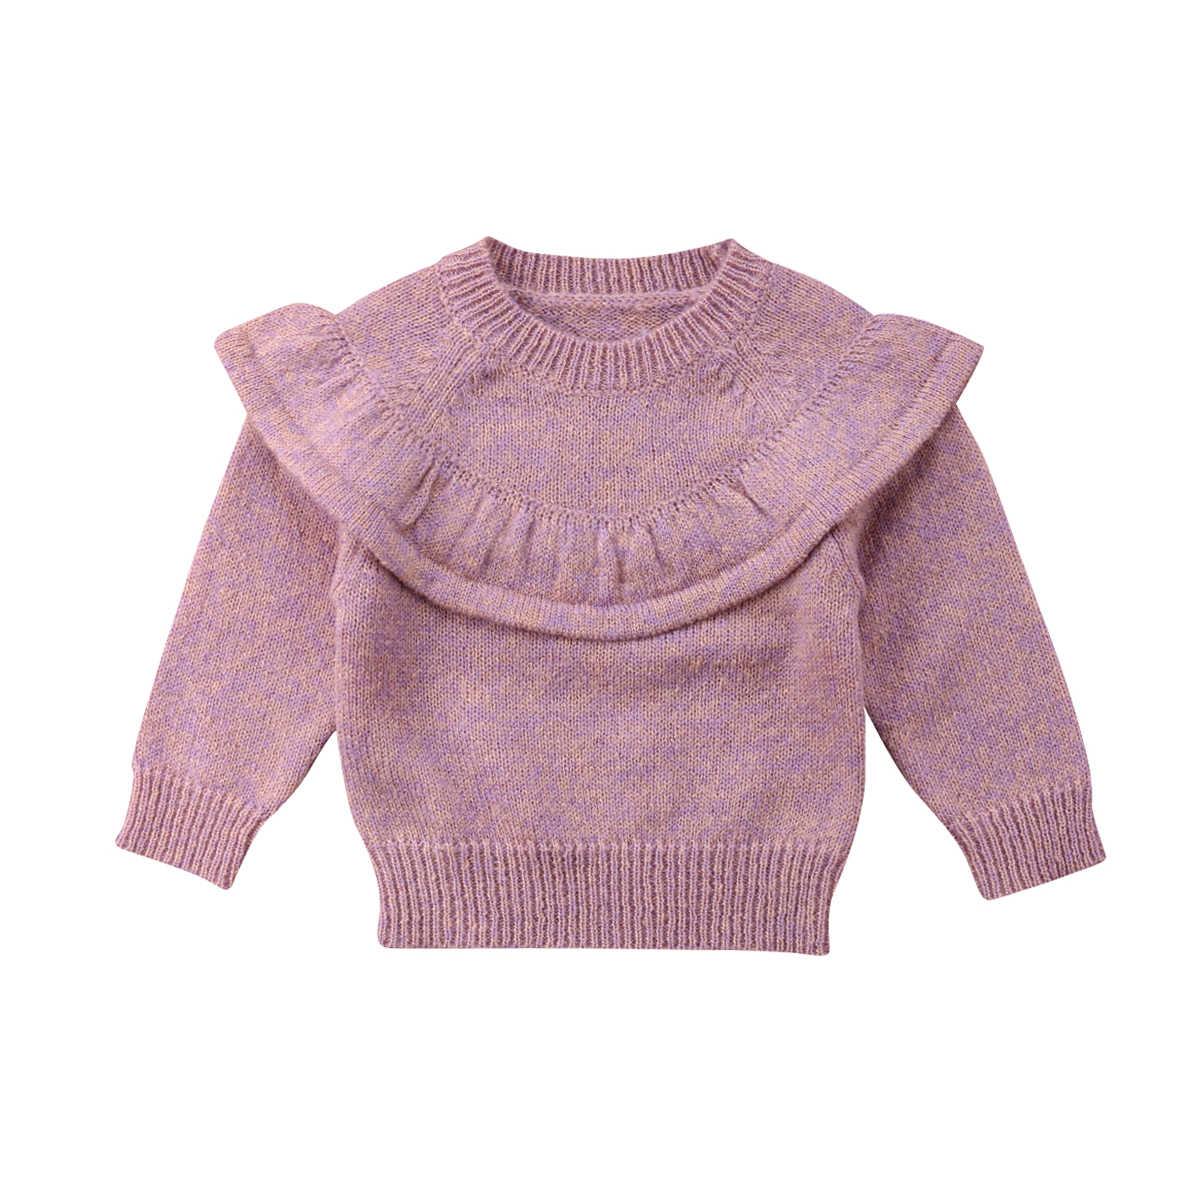 ทารกแรกเกิดเด็กทารกเด็กทารกฤดูหนาวเสื้อผ้าเสื้อแขนยาว Ruffle Warm Jumper Pullover Tops